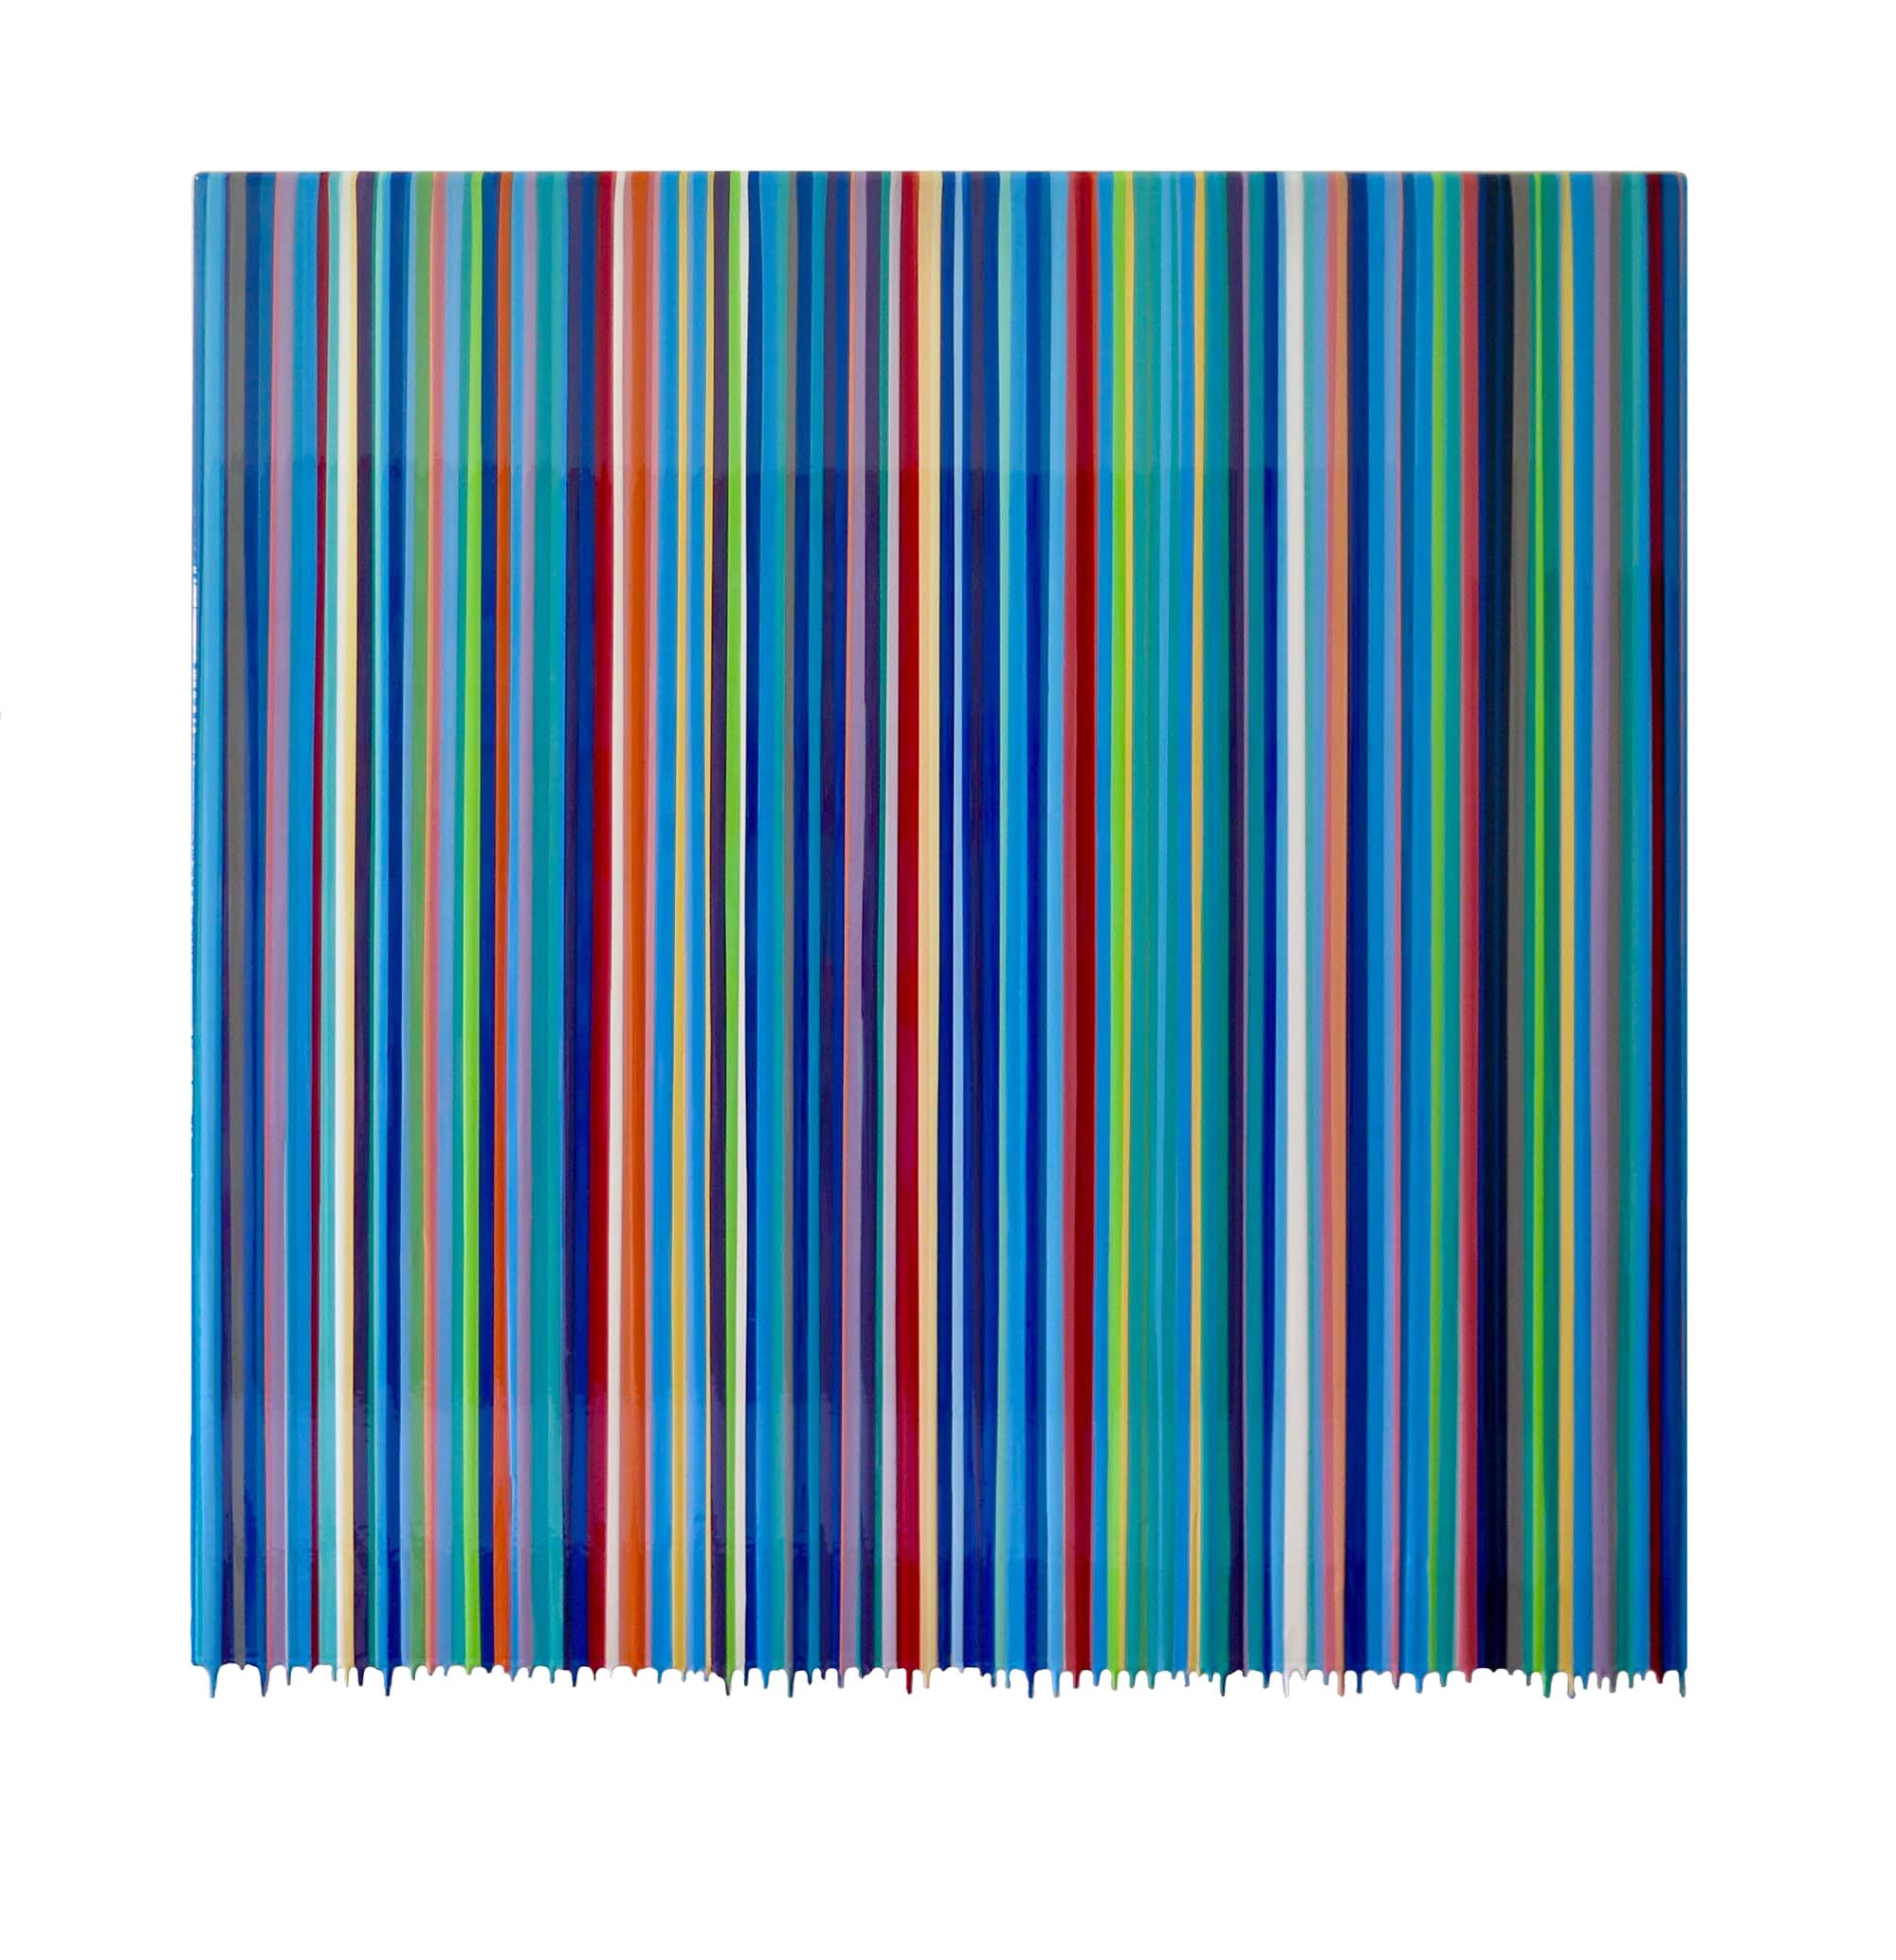 """Gian Garofalo, untitled, 48"""" x 48"""", mixed media on panel"""